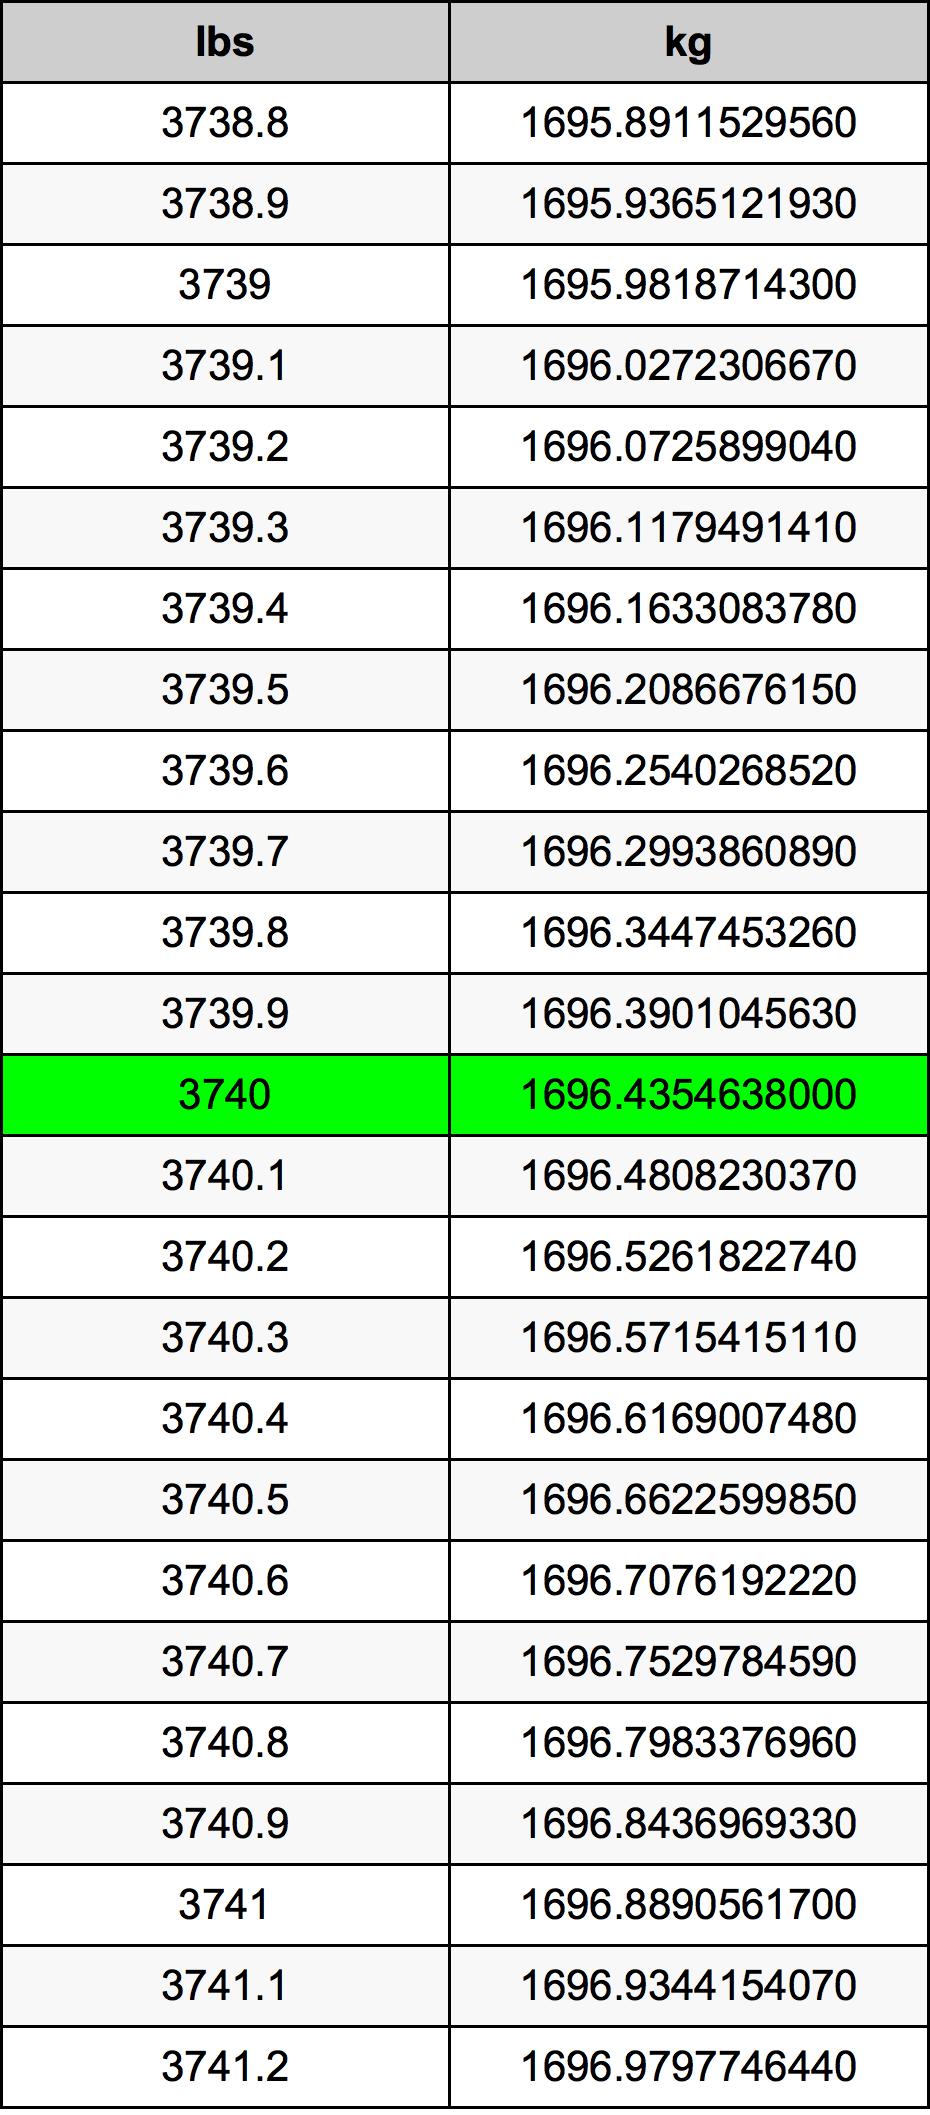 3740 Libra tabela de conversão